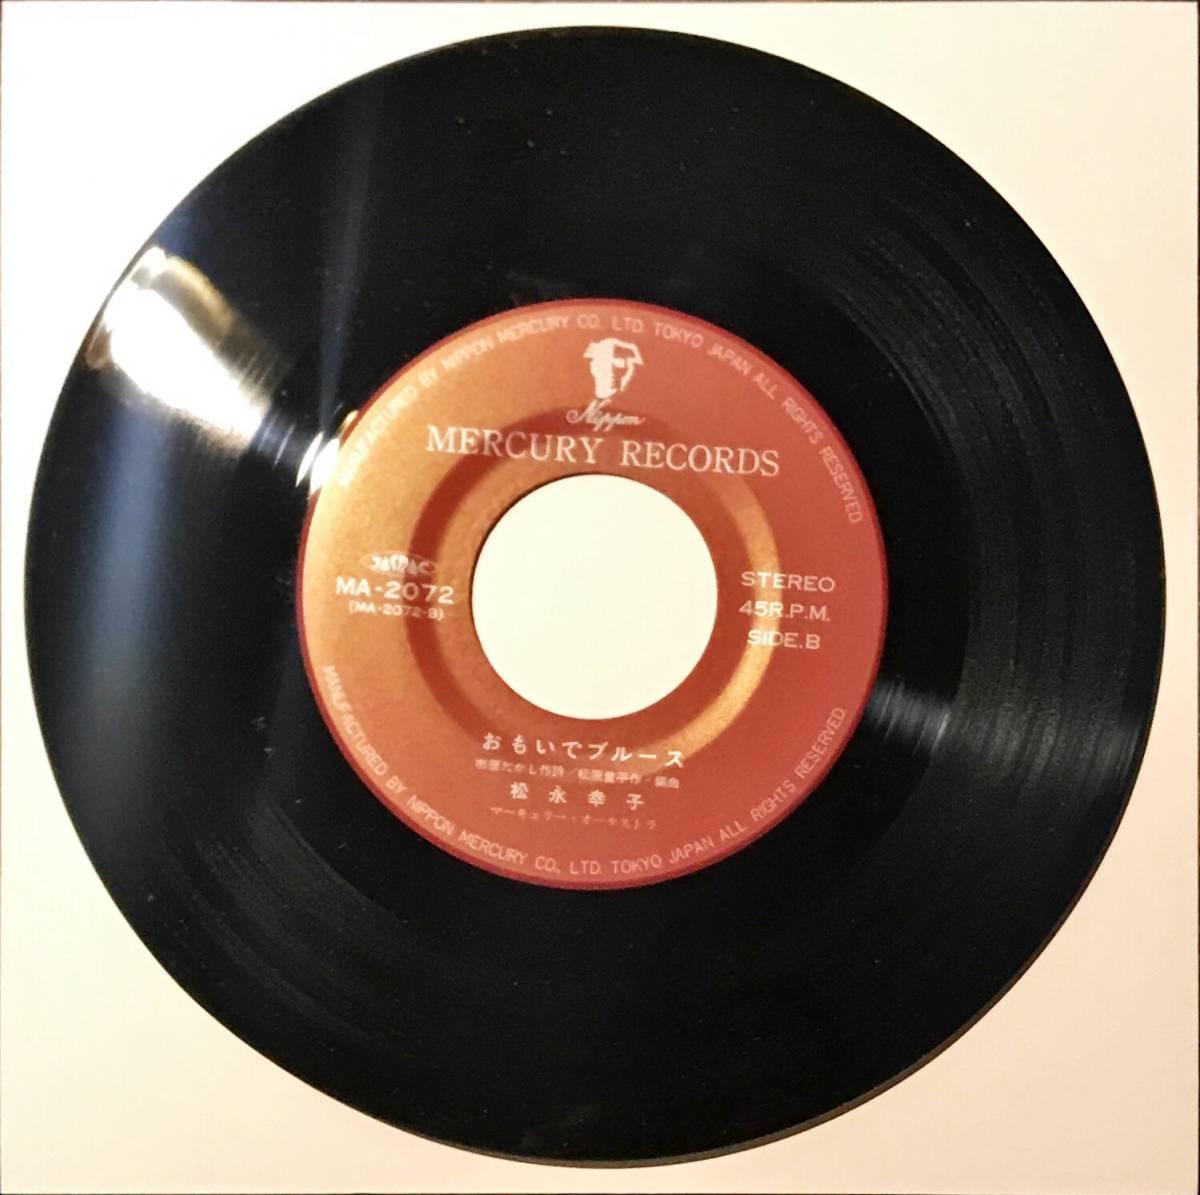 [試聴]和モノB級FUNK歌謡 松永幸子 // 愛ひとつ / おもいでブルース GROOVE [EP]ファンク 隠れマイナー盤レコード お酒ソング 7inch_画像5